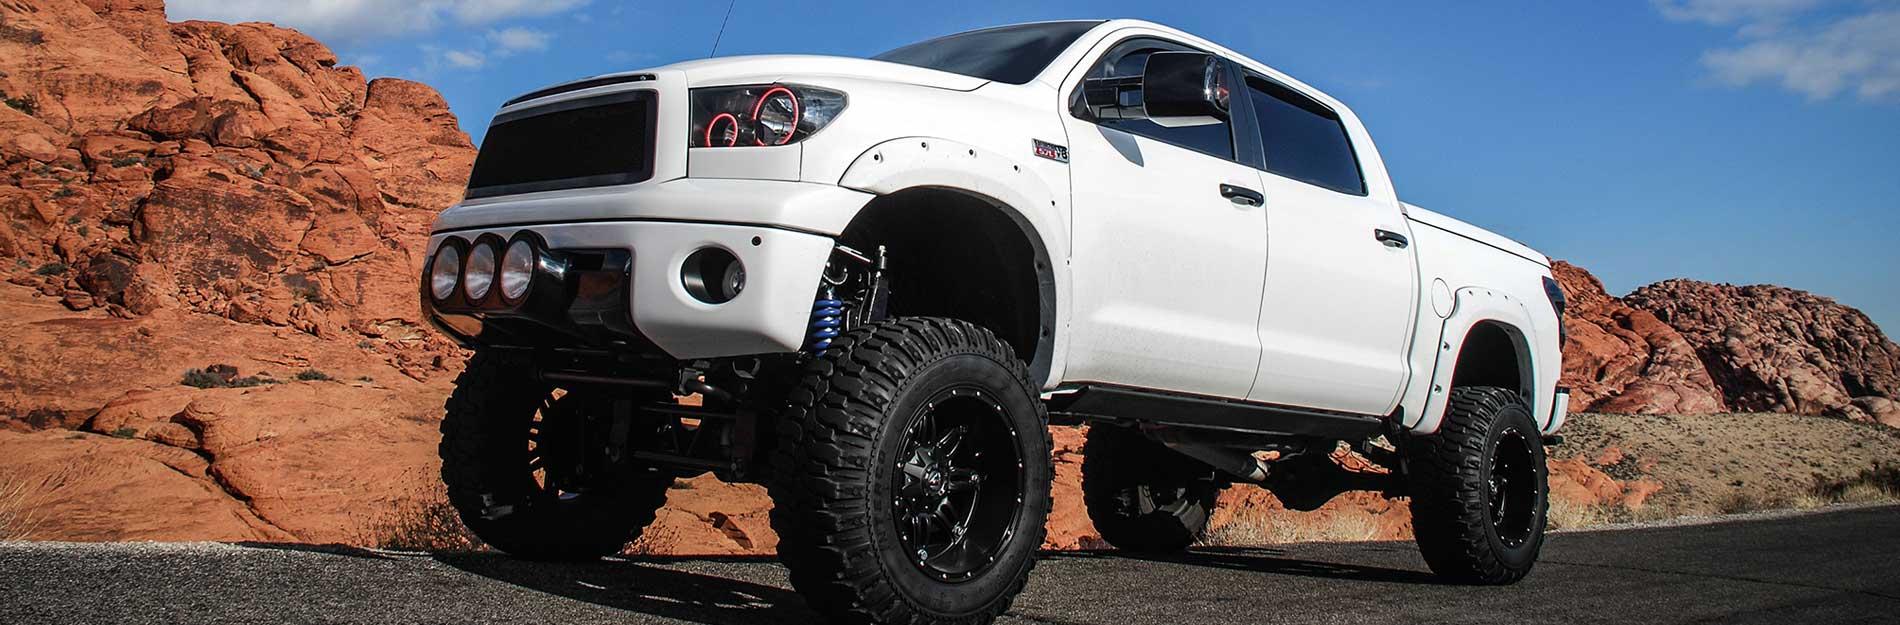 Truck & Auto Accessories | Kar Kraft | Sanford, NC